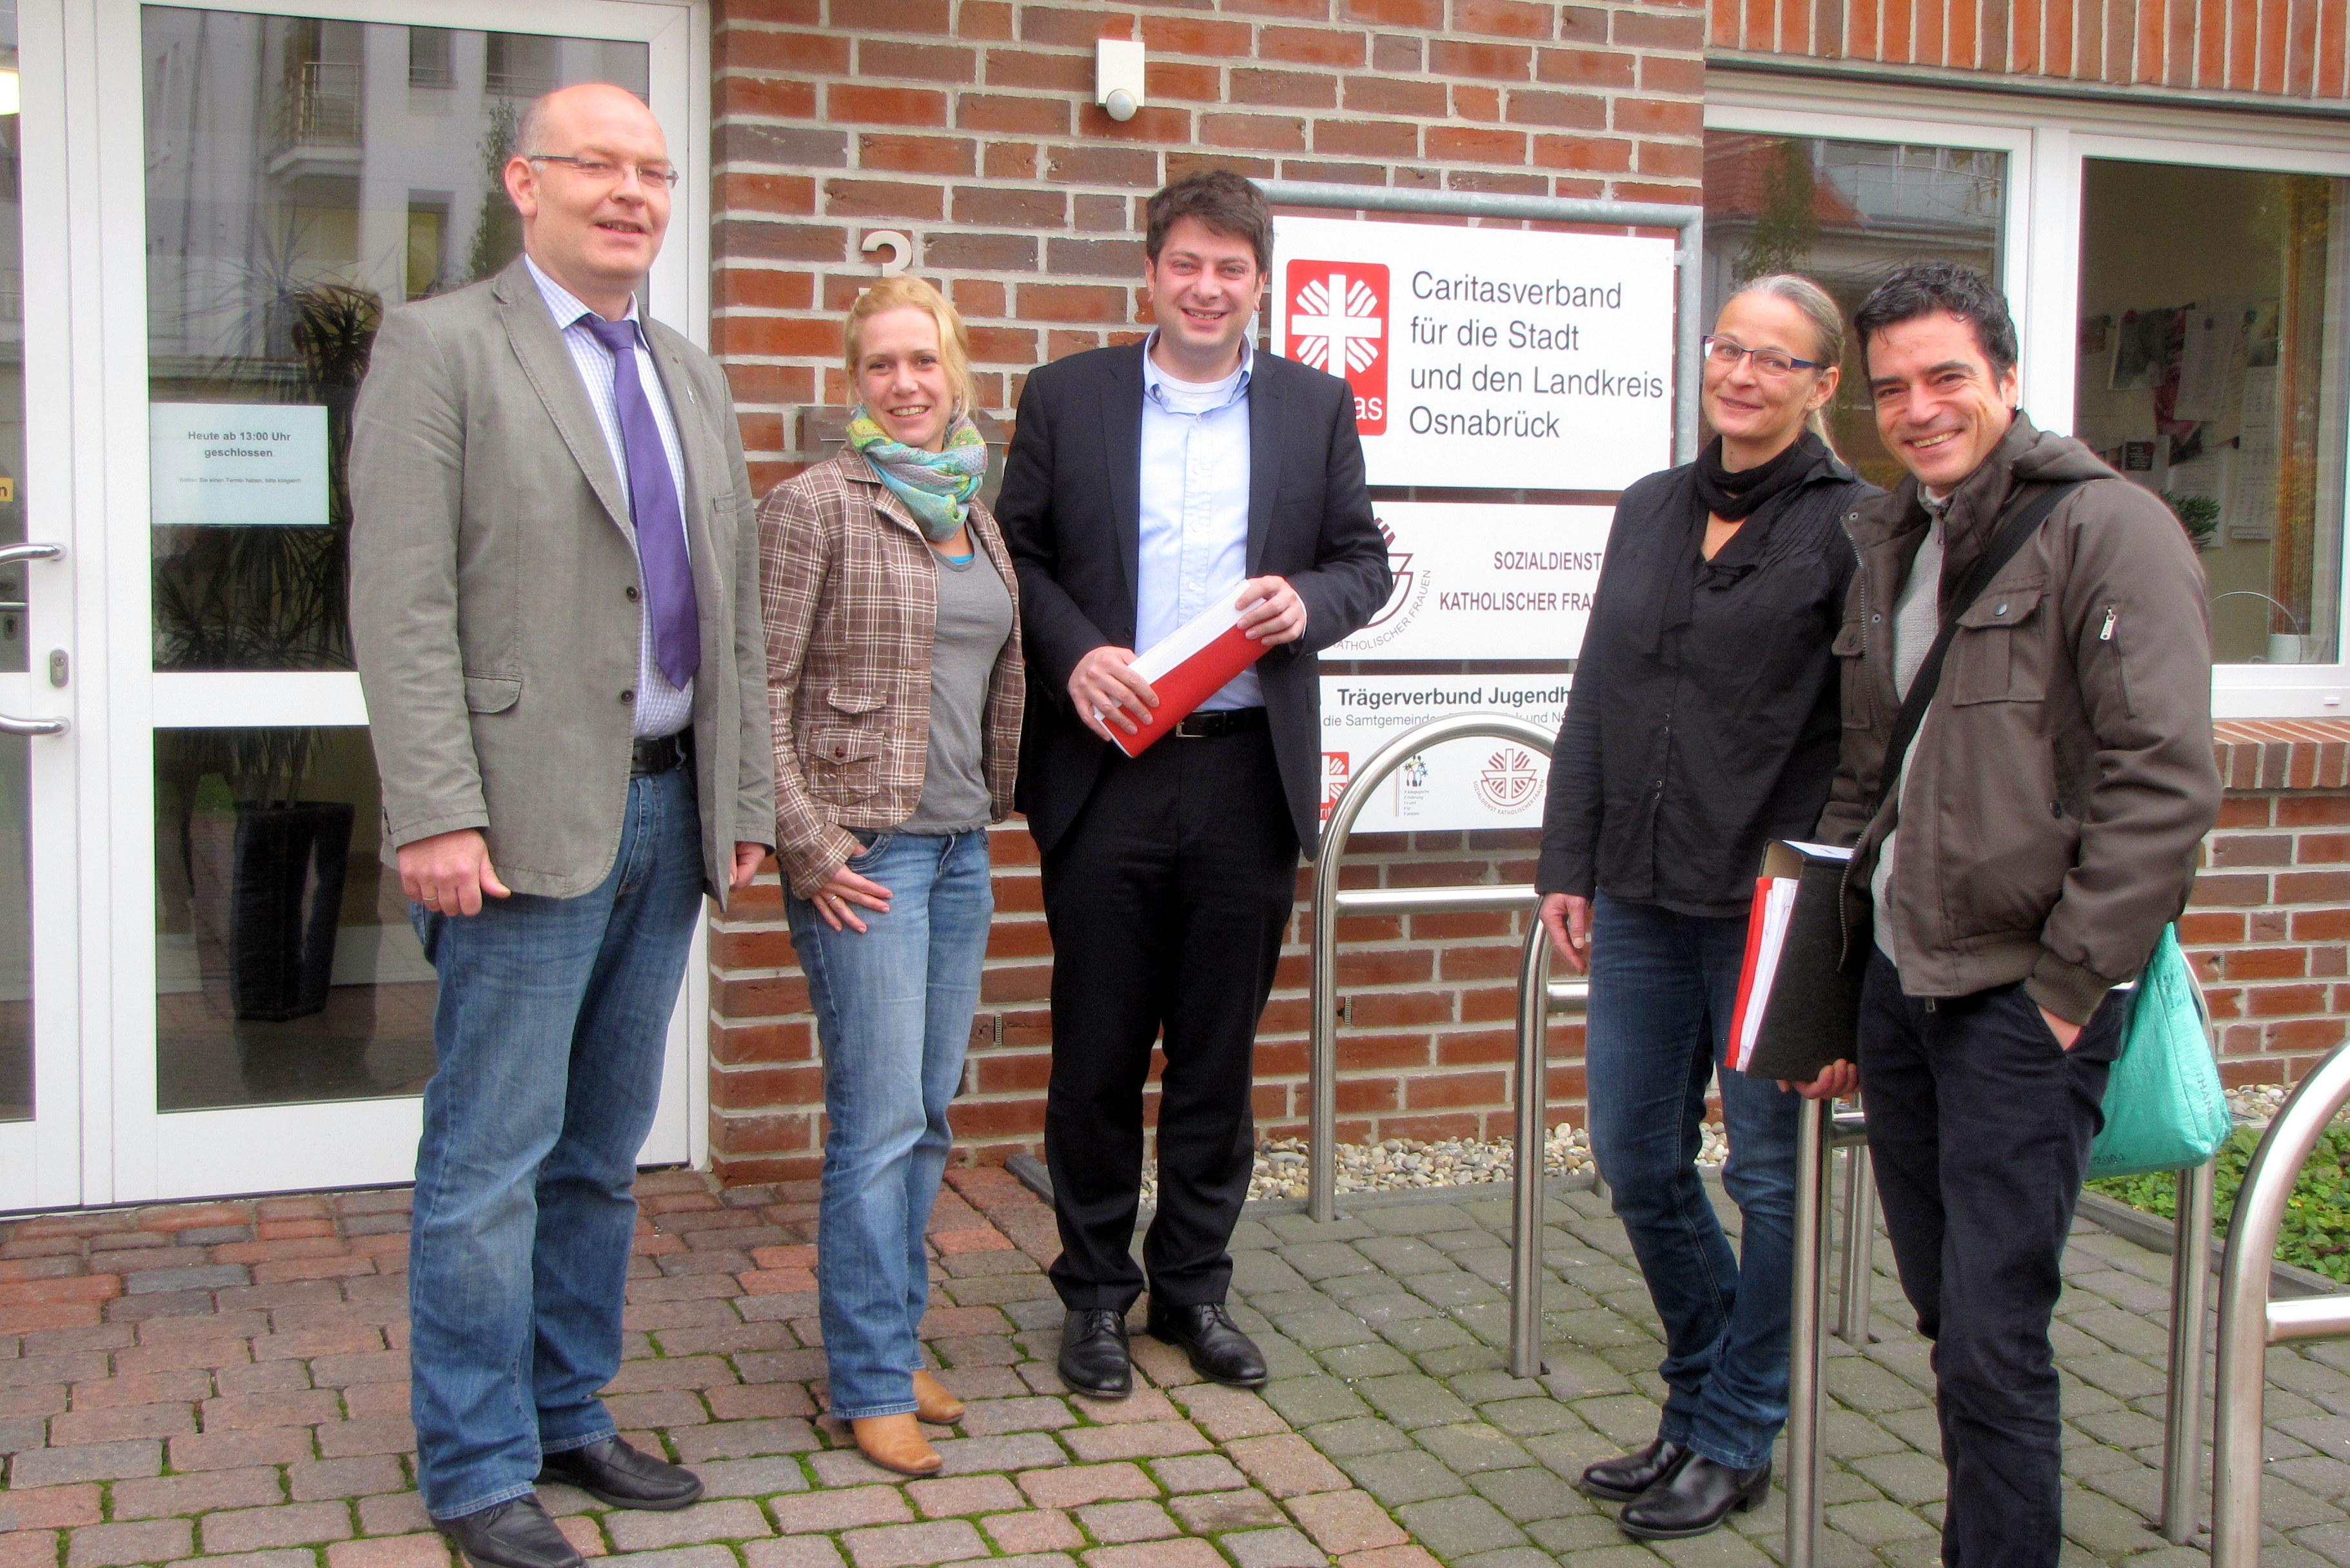 2013: Gespräch mit der Caritas in Bersenbrück.